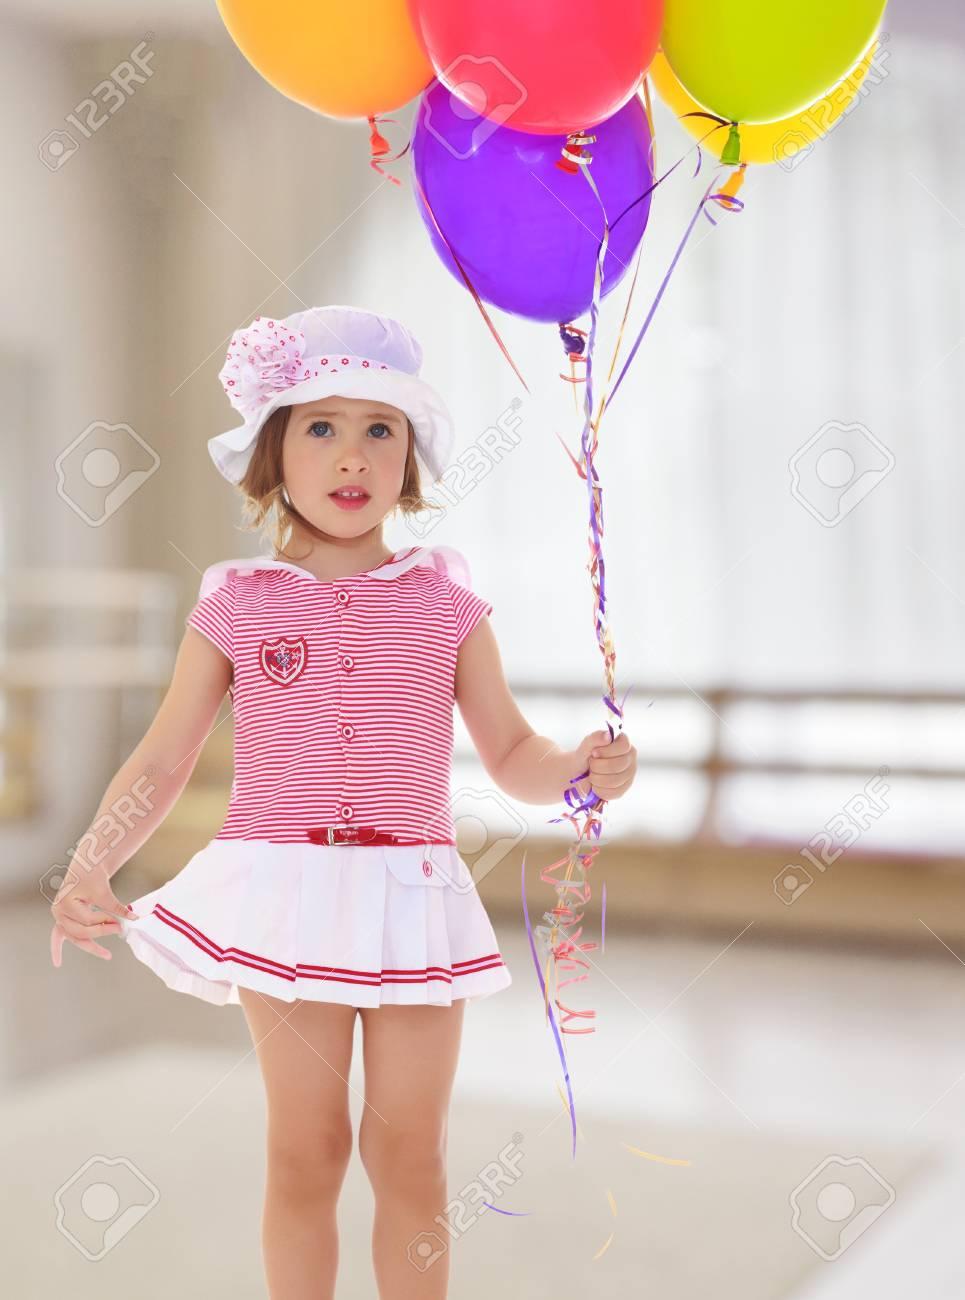 Menina Caucasiano Segurando Balões Coloridos Uma Garota Em Um Vestido Rosa Curto E Um Chapéu Branco Com Laço Rosa No Fundo Do Salão Com Uma Grande